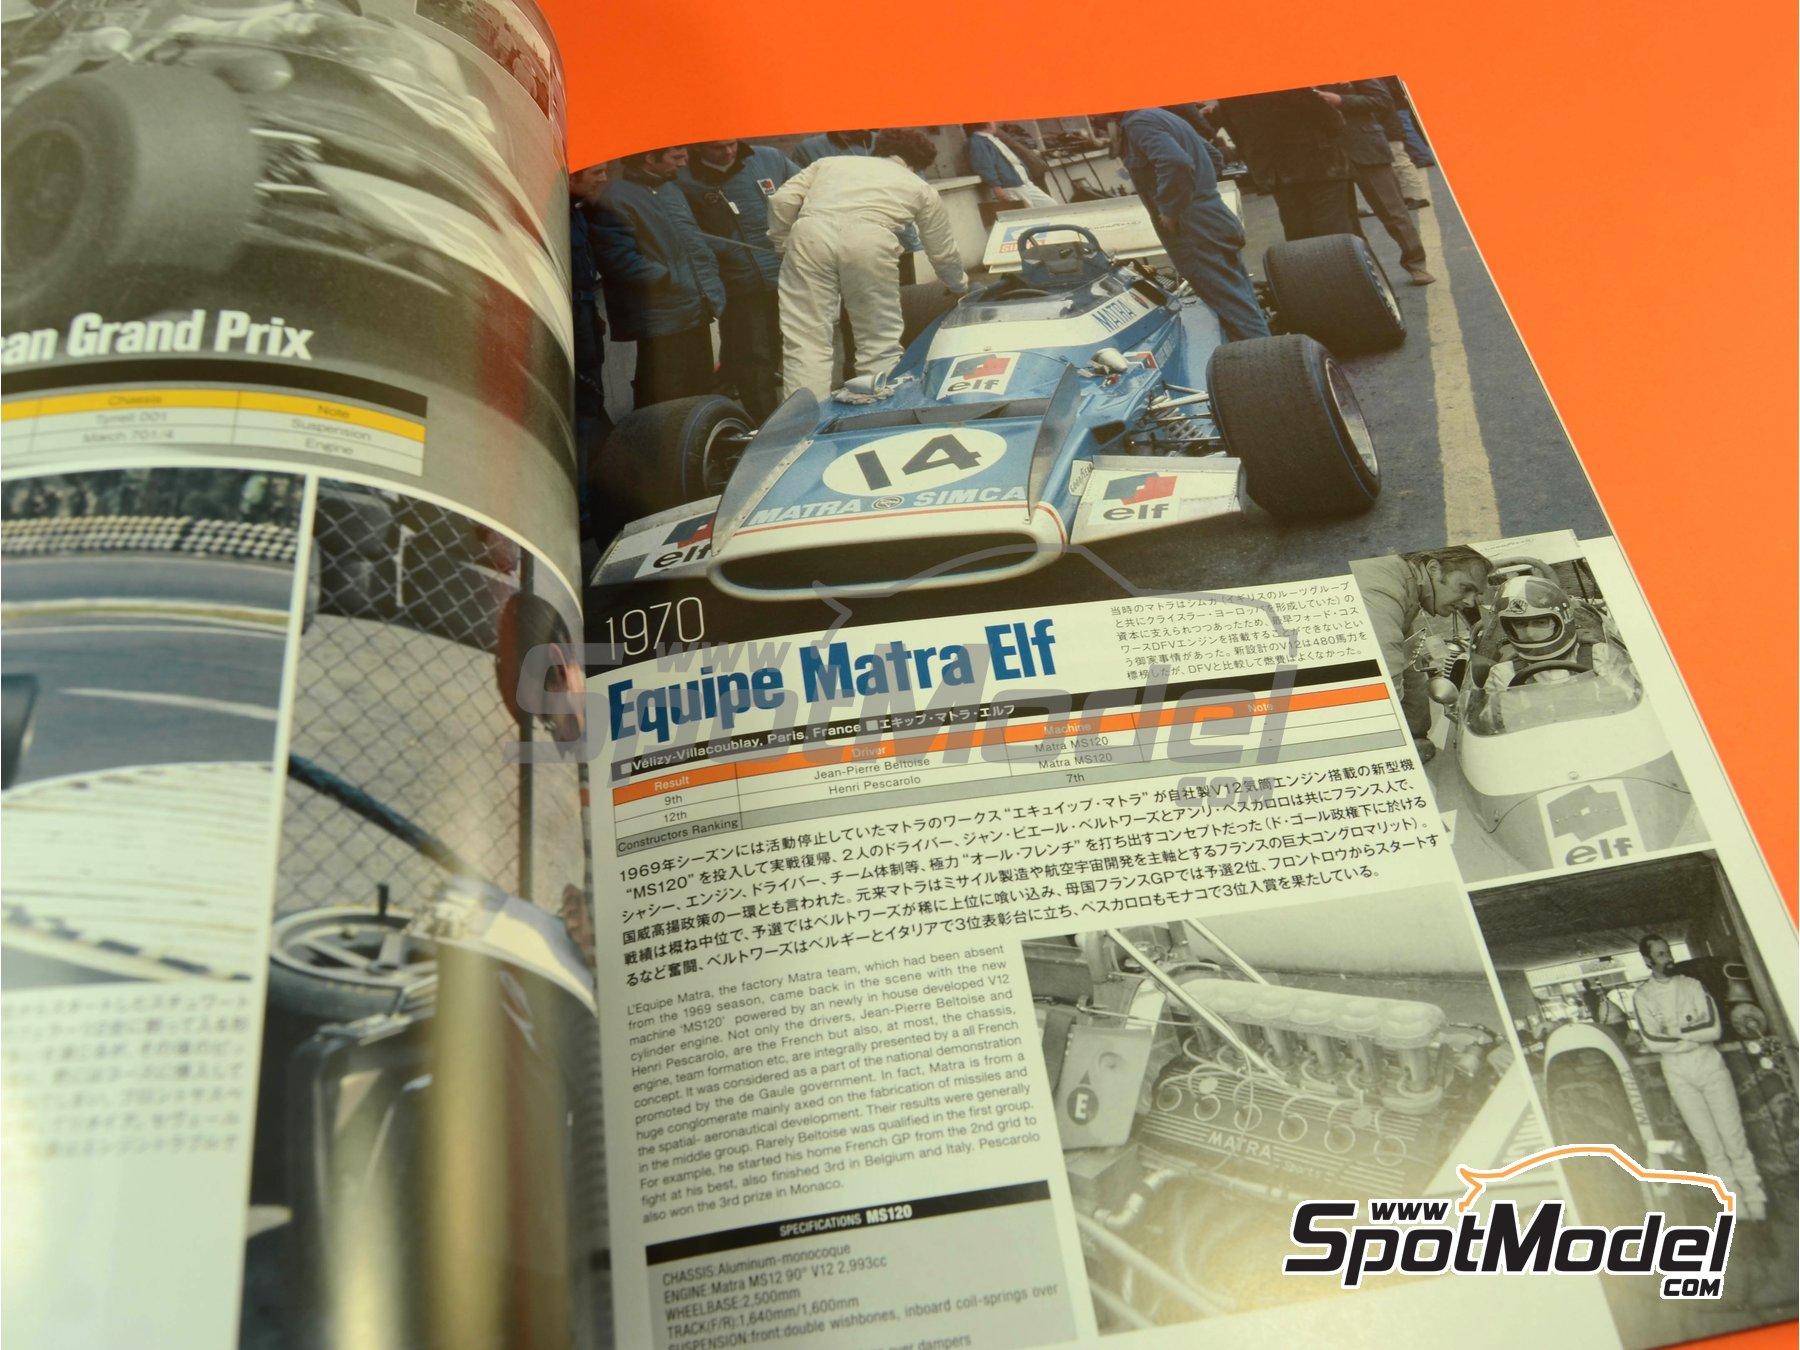 Image 6: Joe Honda Racing Pictorial Series: Grand Prix, part 1 -  1970 | Libro de referencia fabricado por Model Factory Hiro (ref.MFH-JH42)